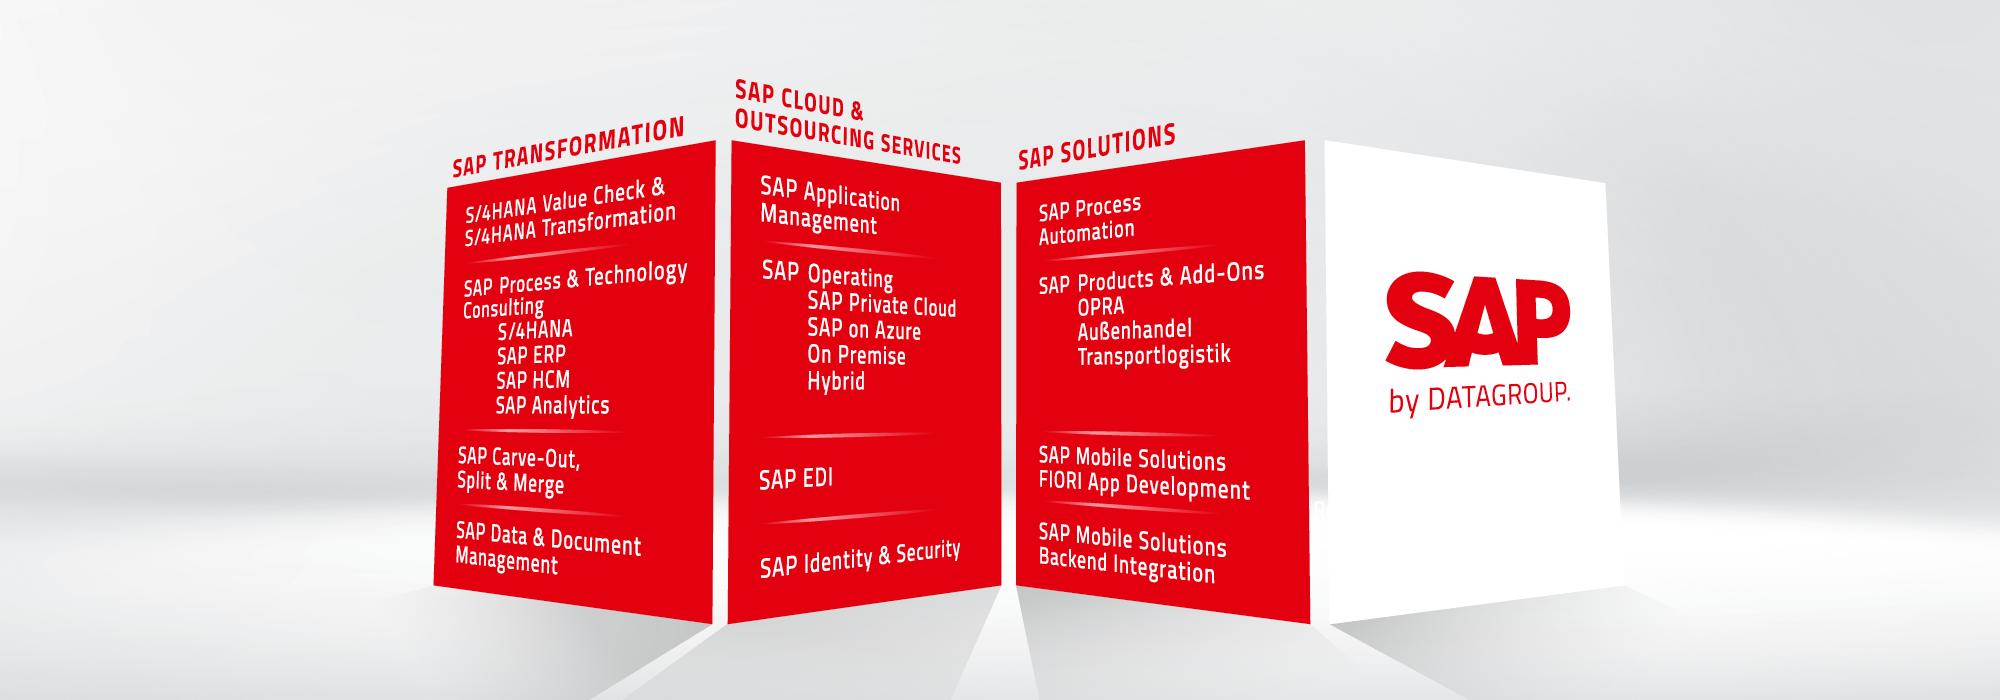 Übersicht der DATAGROUP SAP Lösungen